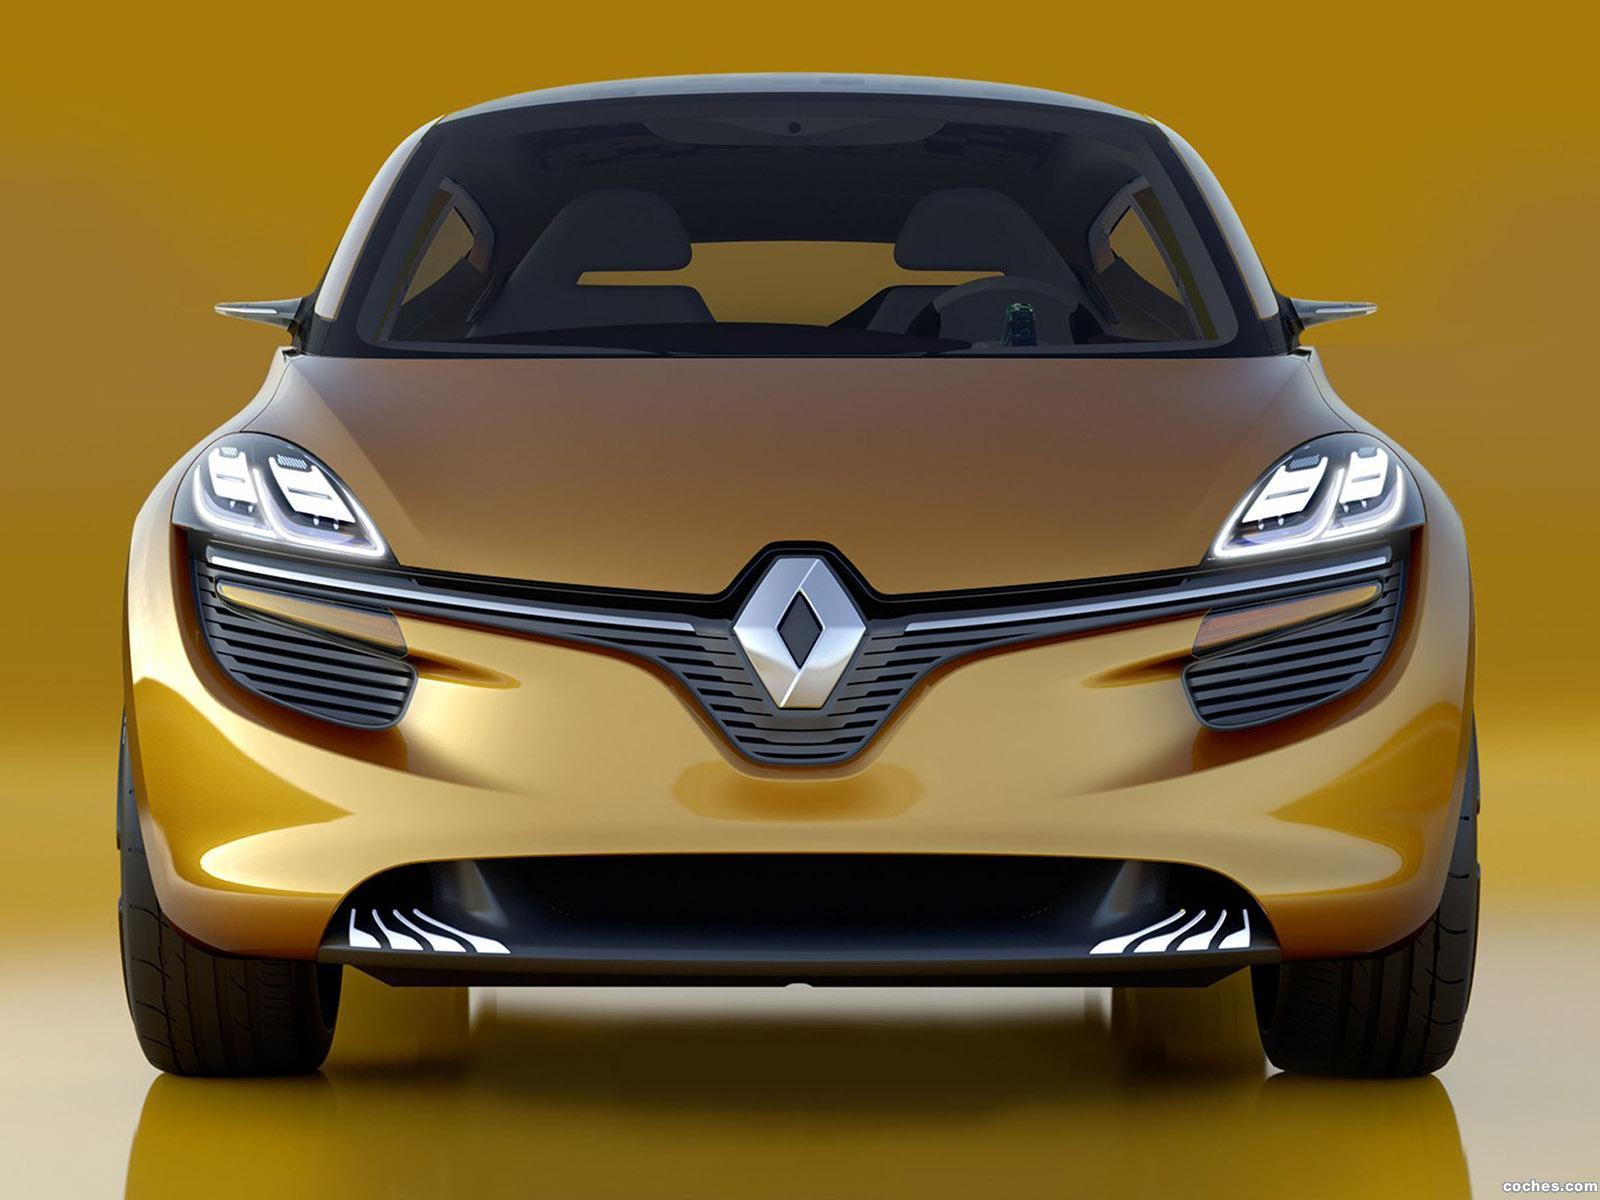 Foto 10 de Renault R-Space Concept 2011